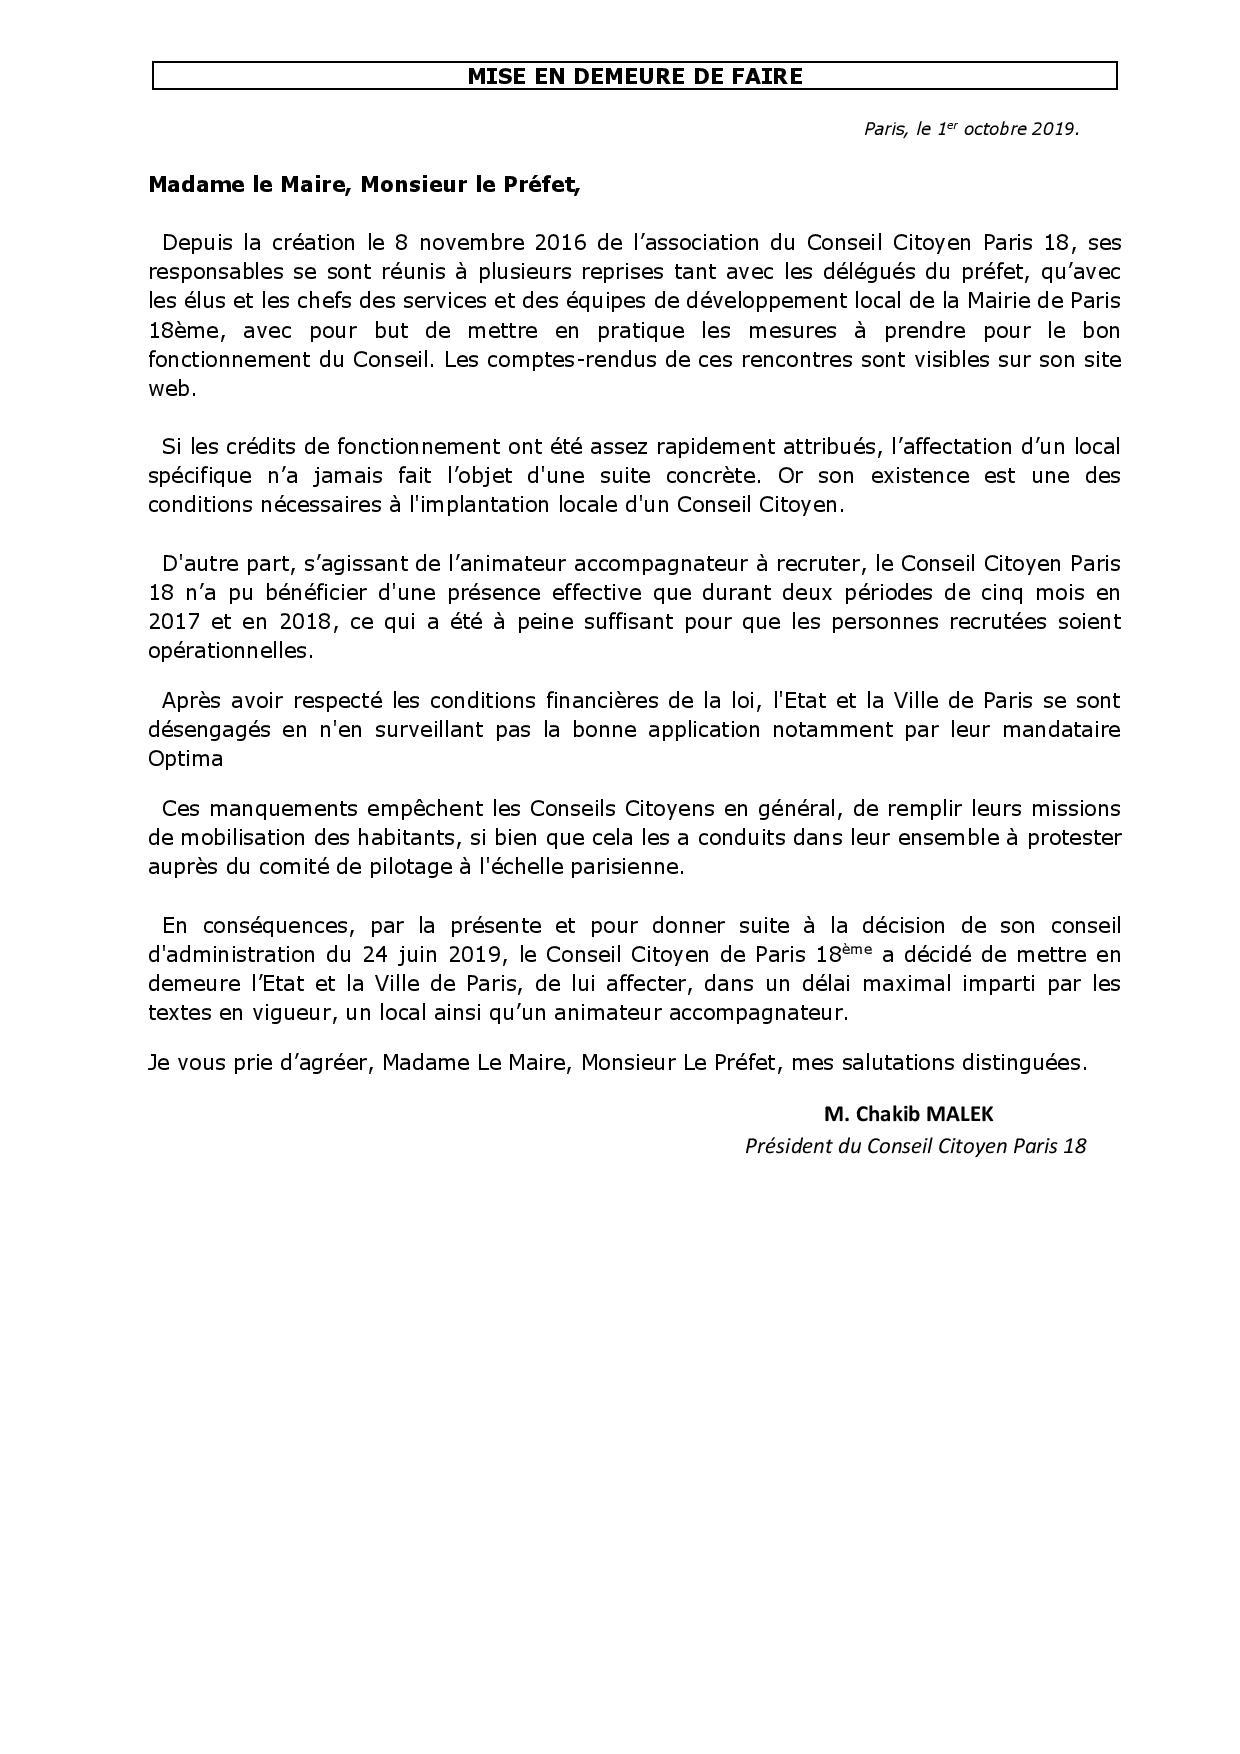 Lettres de mise en demeure. - Conseil Citoyen Paris 18